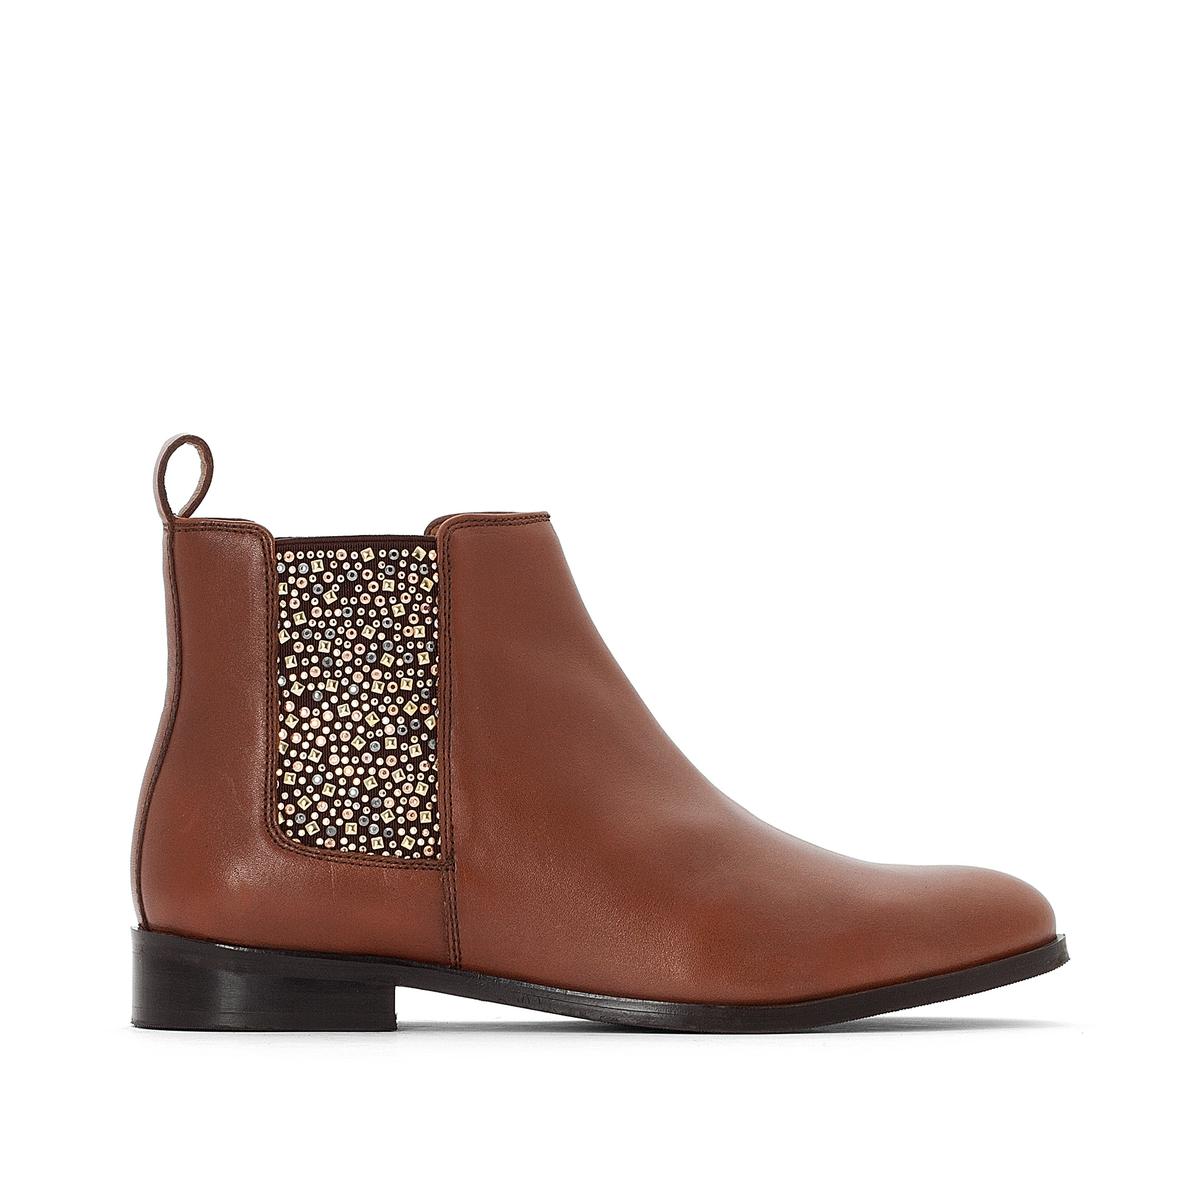 Ботинки-челси кожаные с эластичной вставкой со стразами